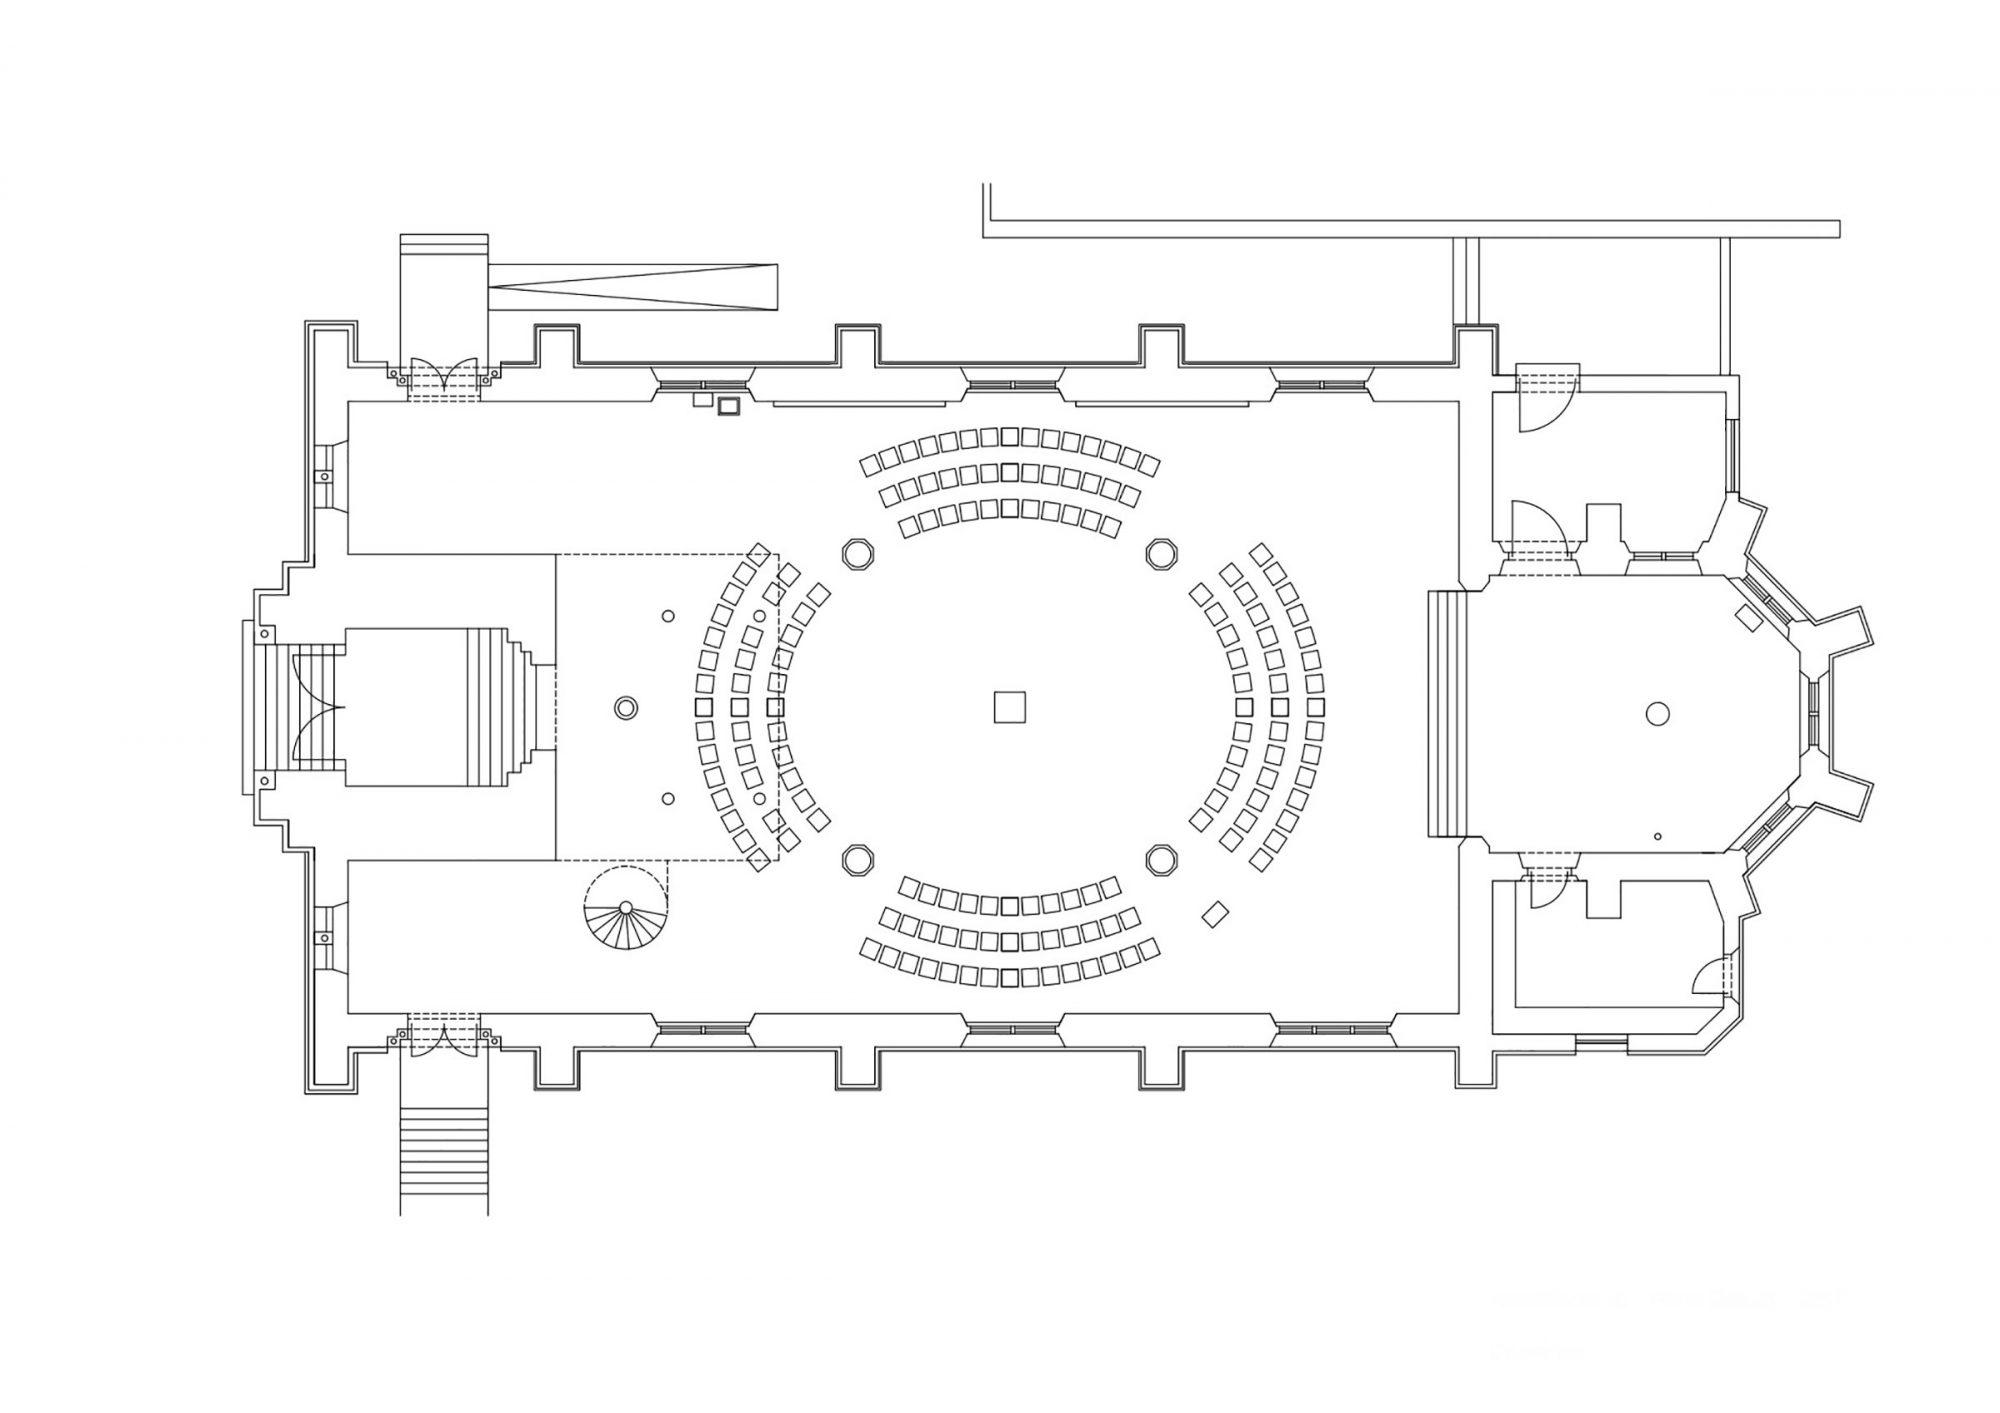 Aschaffenburg, Maria Geburt. Neugestaltung der neugotischen Kirche 1999. Phase 3/2017. Künstlerische und raumliturgische Gestaltung: Leo Zogmayer, Architektur: Ritter + Bauer